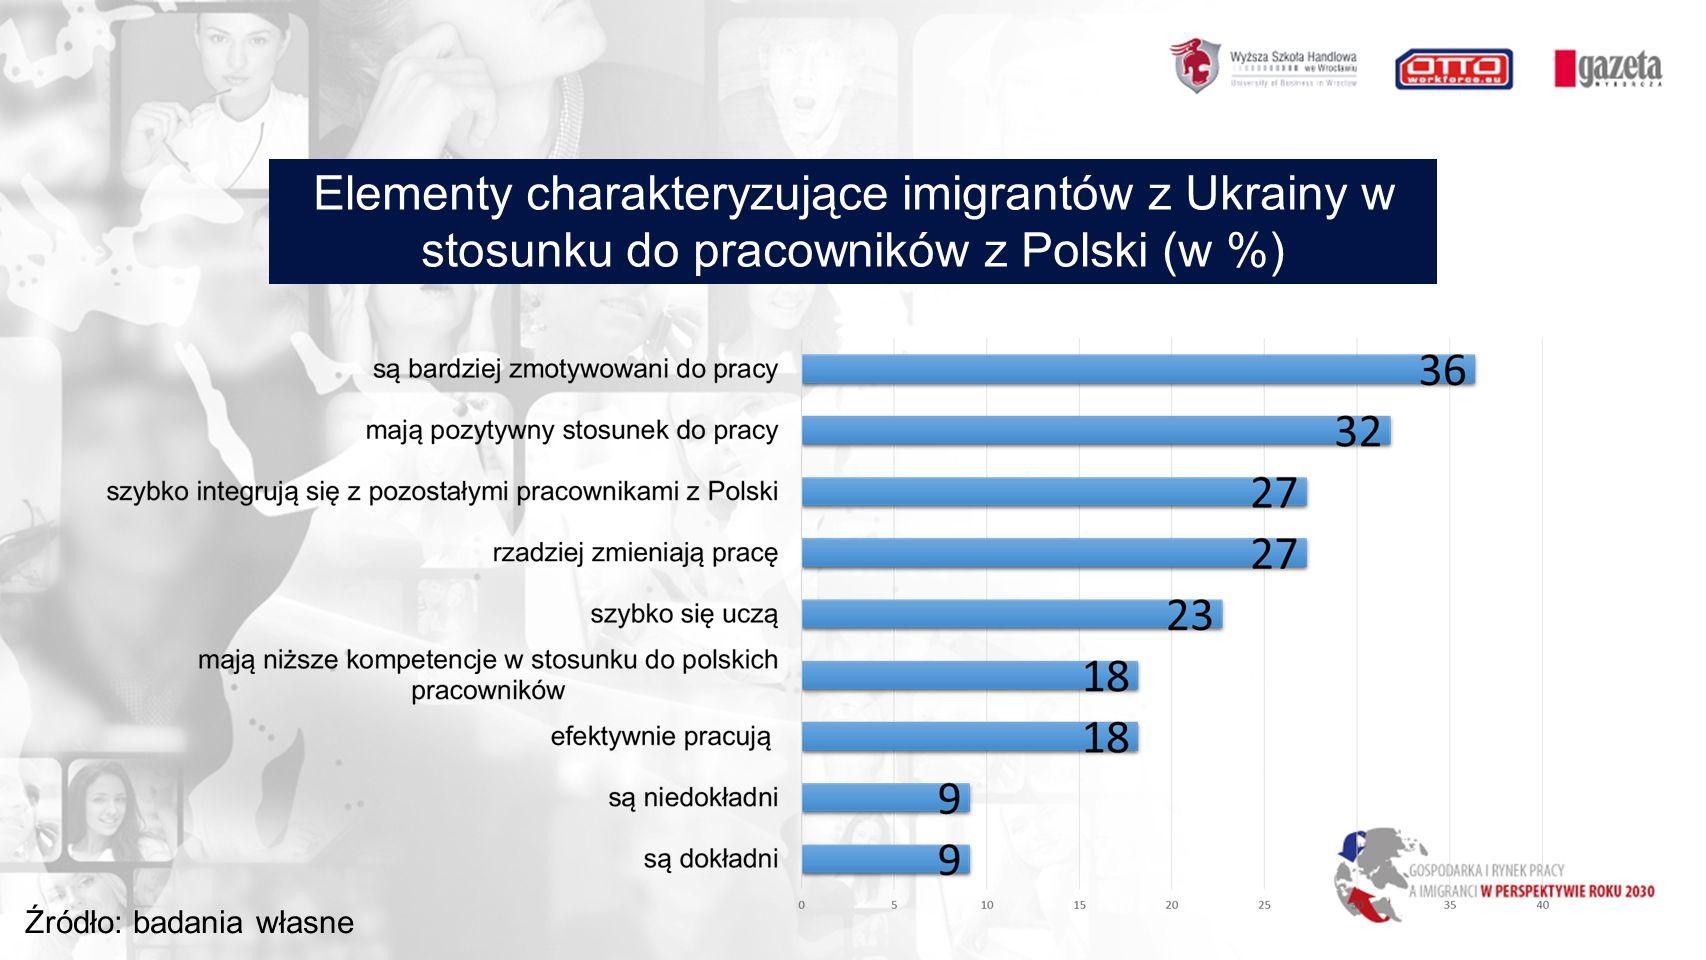 Elementy charakteryzujące imigrantów z Ukrainy w stosunku do pracowników z Polski (w %) Źródło: badania własne